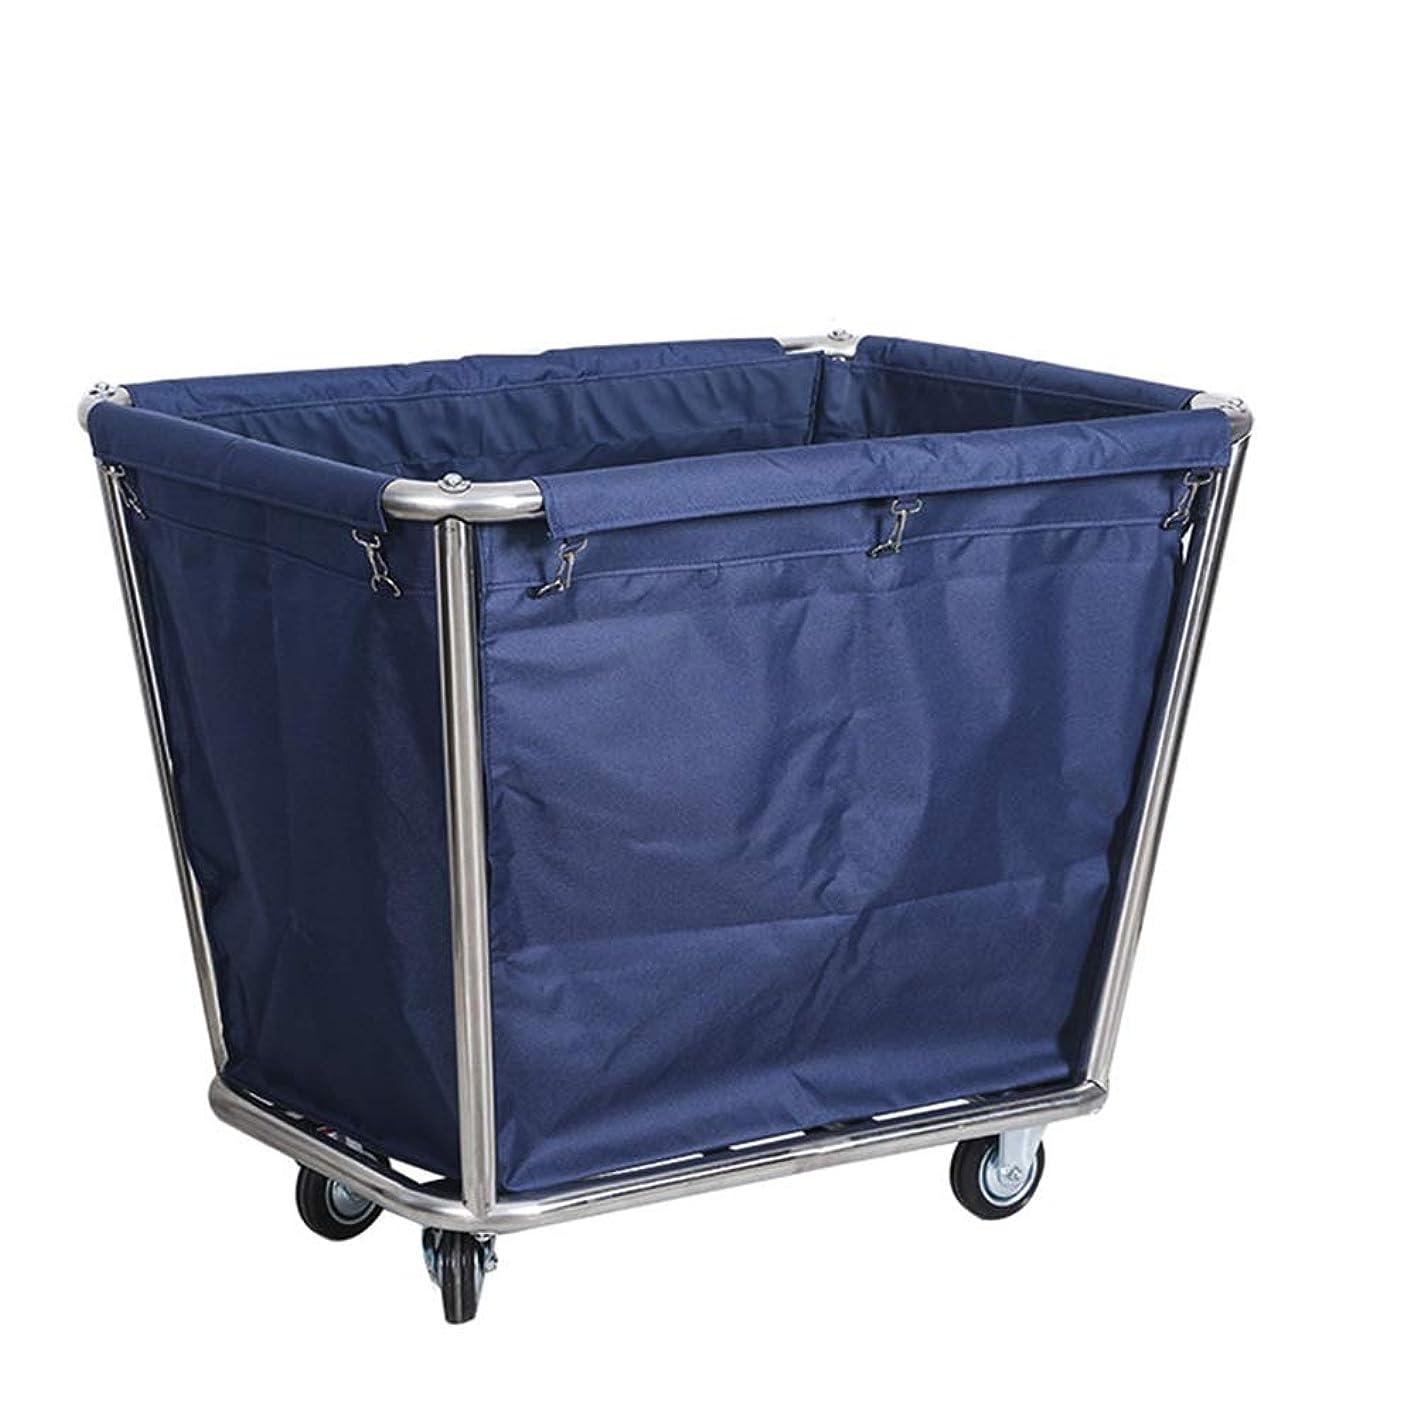 肥料火傷ラウンジ商業洗濯のトロリー、4つの車輪および取り外し可能な袋が付いている頑丈な産業/家/大広間のカート (Color : Blue)